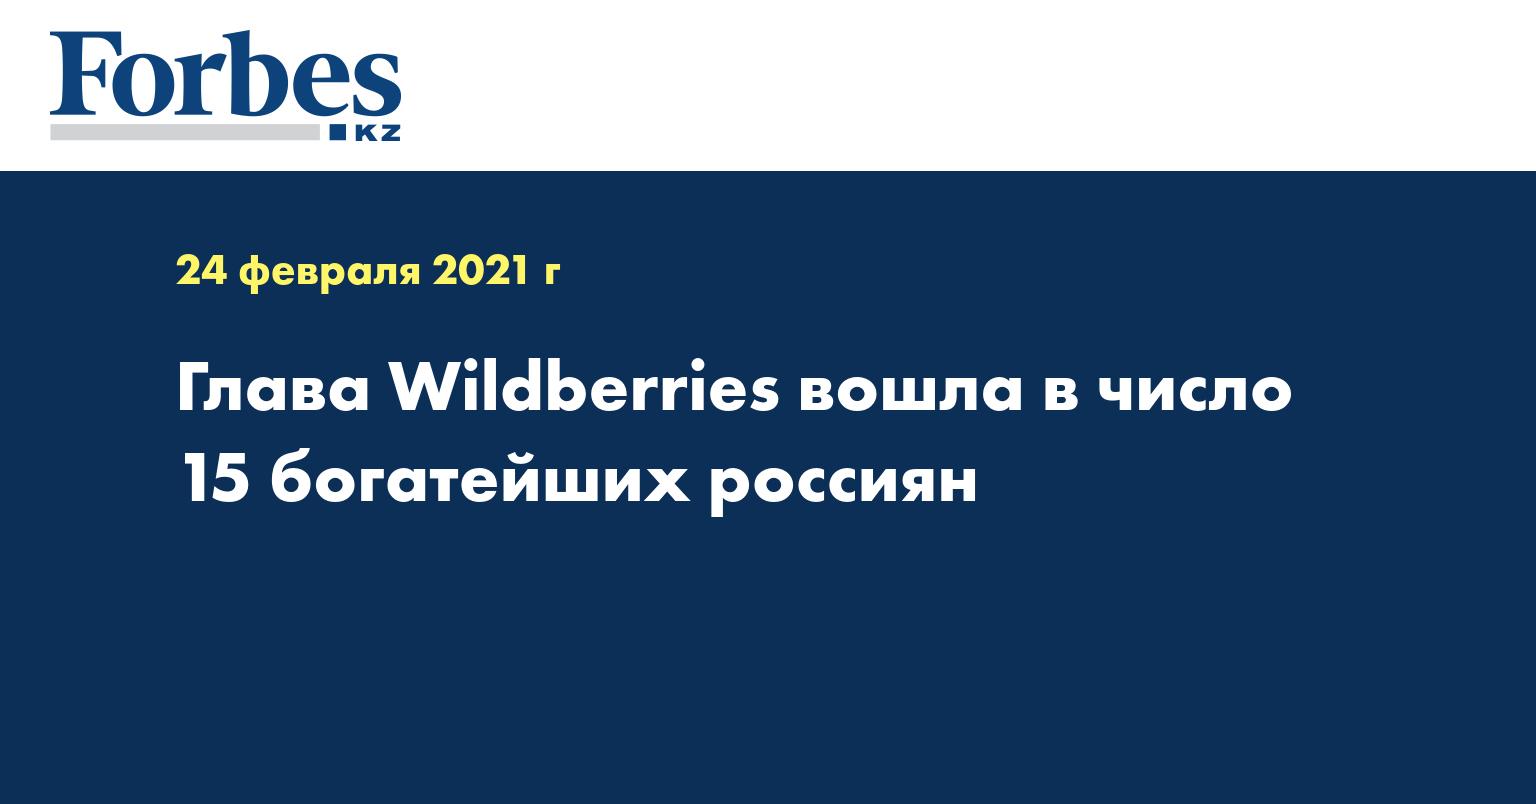 Глава Wildberries вошла в число 15 богатейших россиян